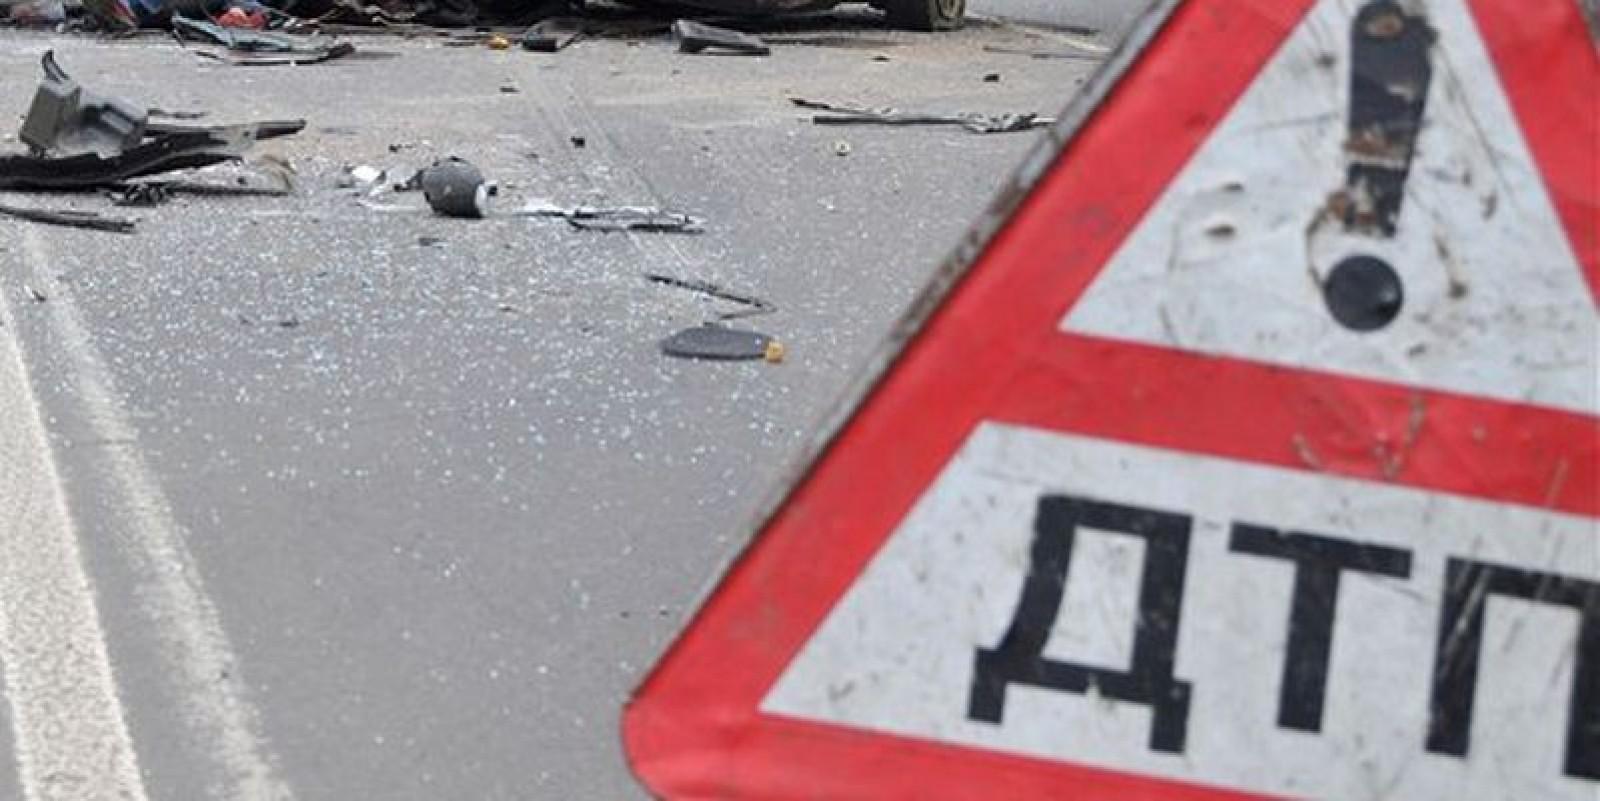 ВКерчи под колесами авто скончался пешеход